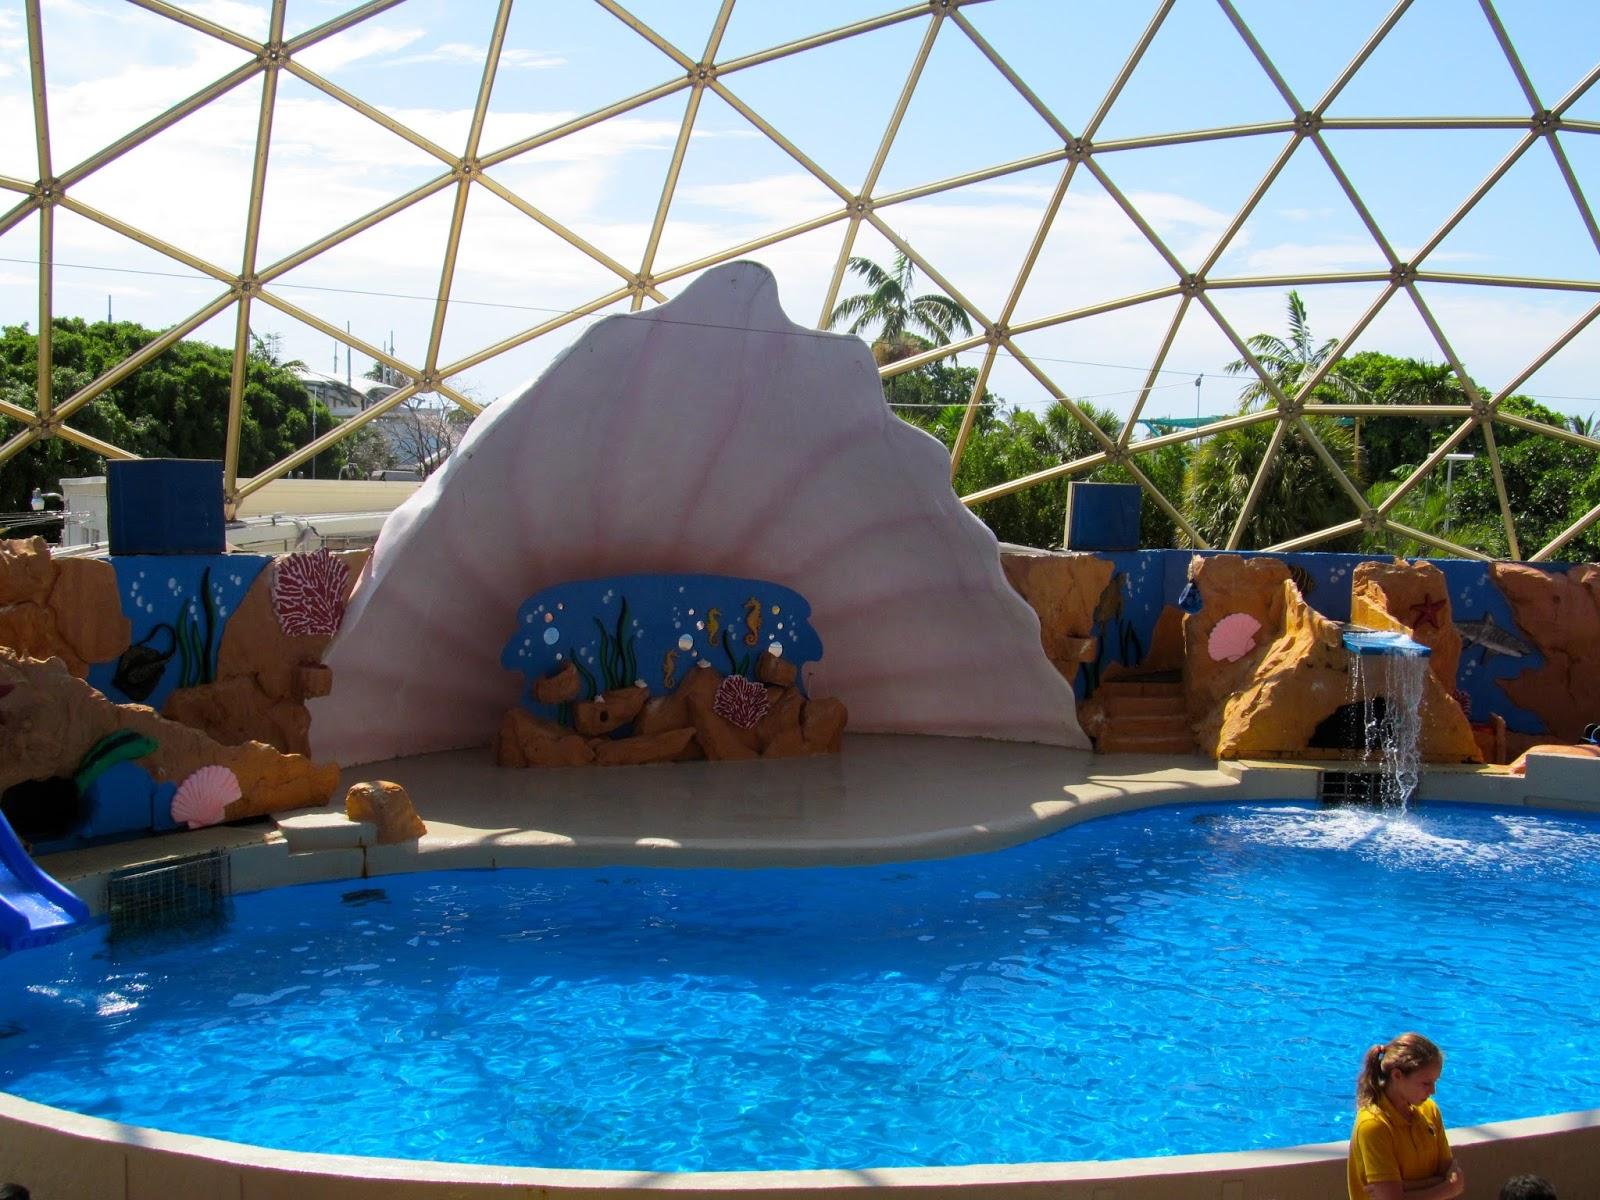 Sea Lion Show at Miami Seaquarium, FL - ouroutdoortravels.blogspot.com